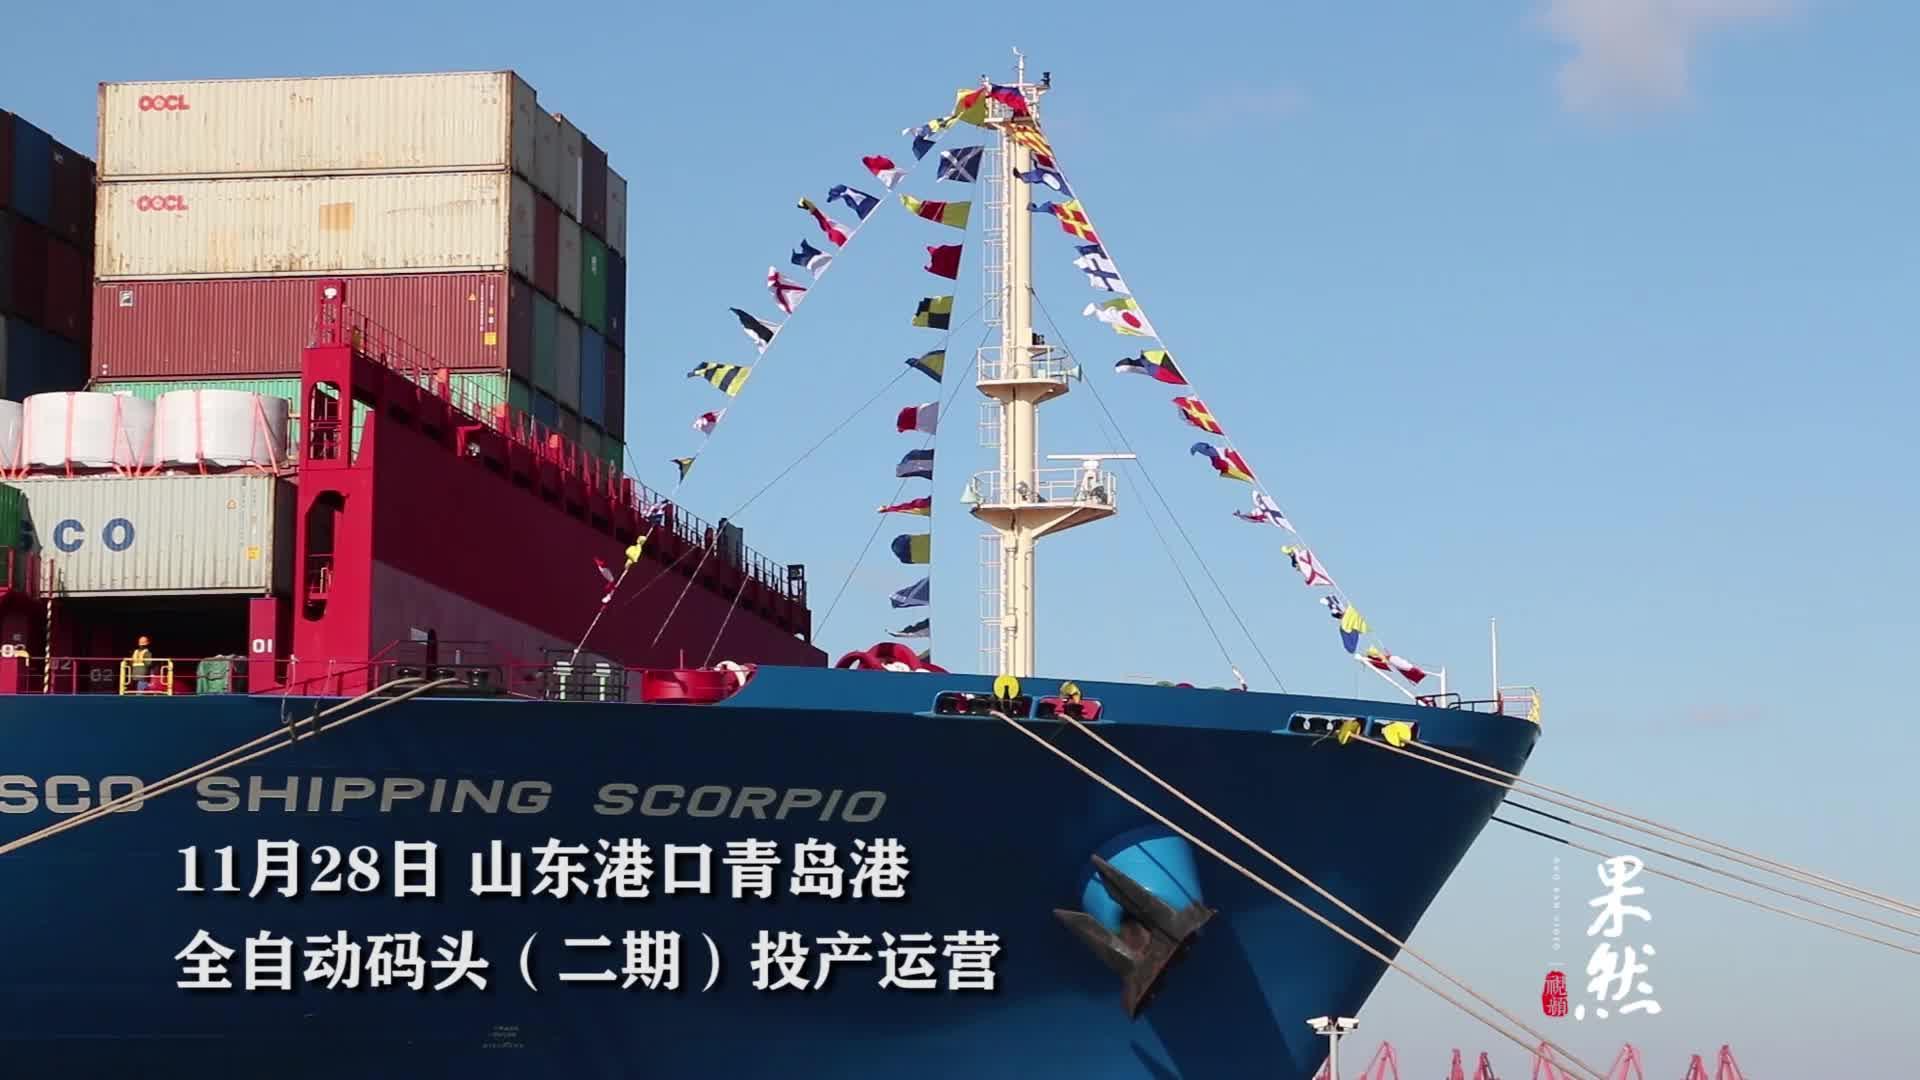 全球首创氢动力、5G!青岛港全自动化码头二期投产